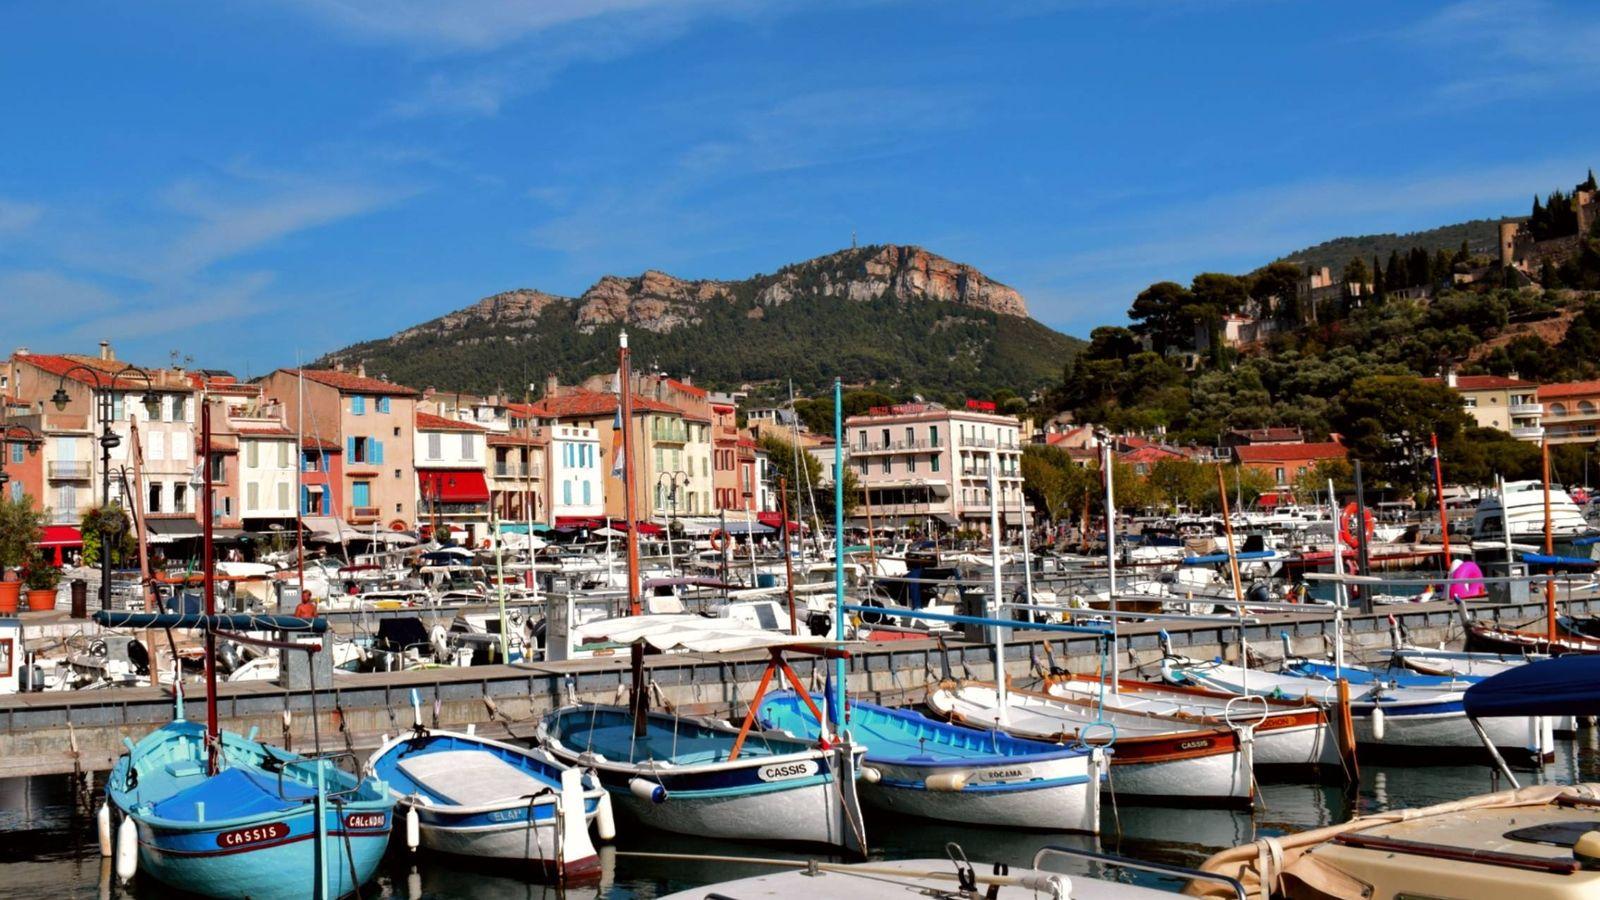 Foto: Cassis tiene todo el encanto francés de la Riviera. (Foto: Mateo Esteban)